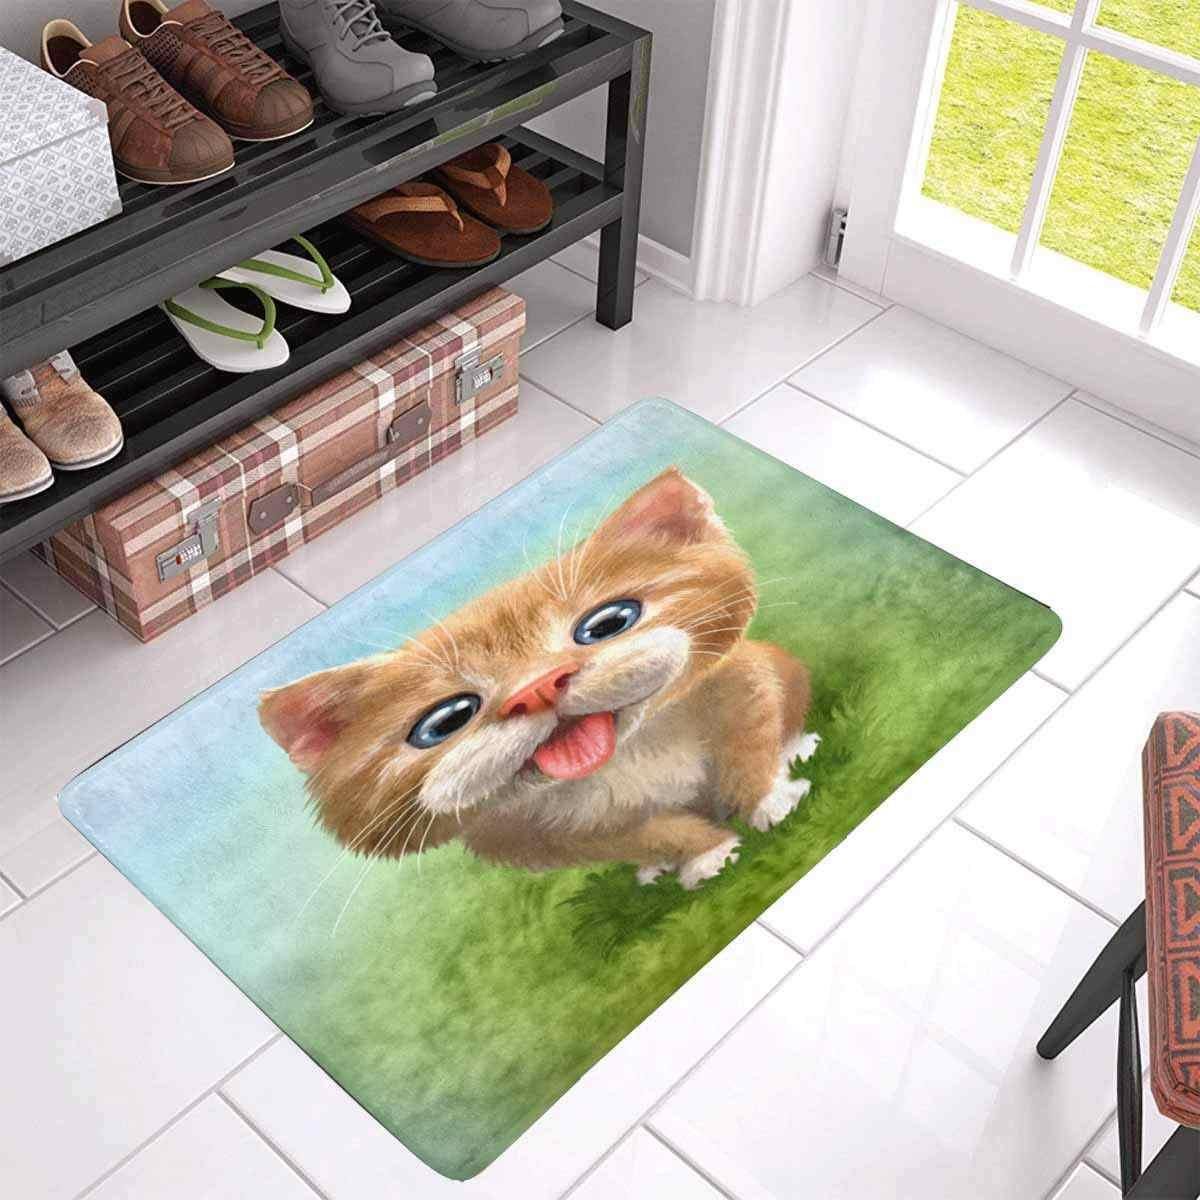 Mèo Trong Nhà Chùi Chân Không Trượt Phía Trước Lối Vào Cửa Mat Thảm Chào Đón Mat Thảm Phim Hoạt Hình Rugrats Tắm Trẻ Em Mat Nhà Bếp Thảm